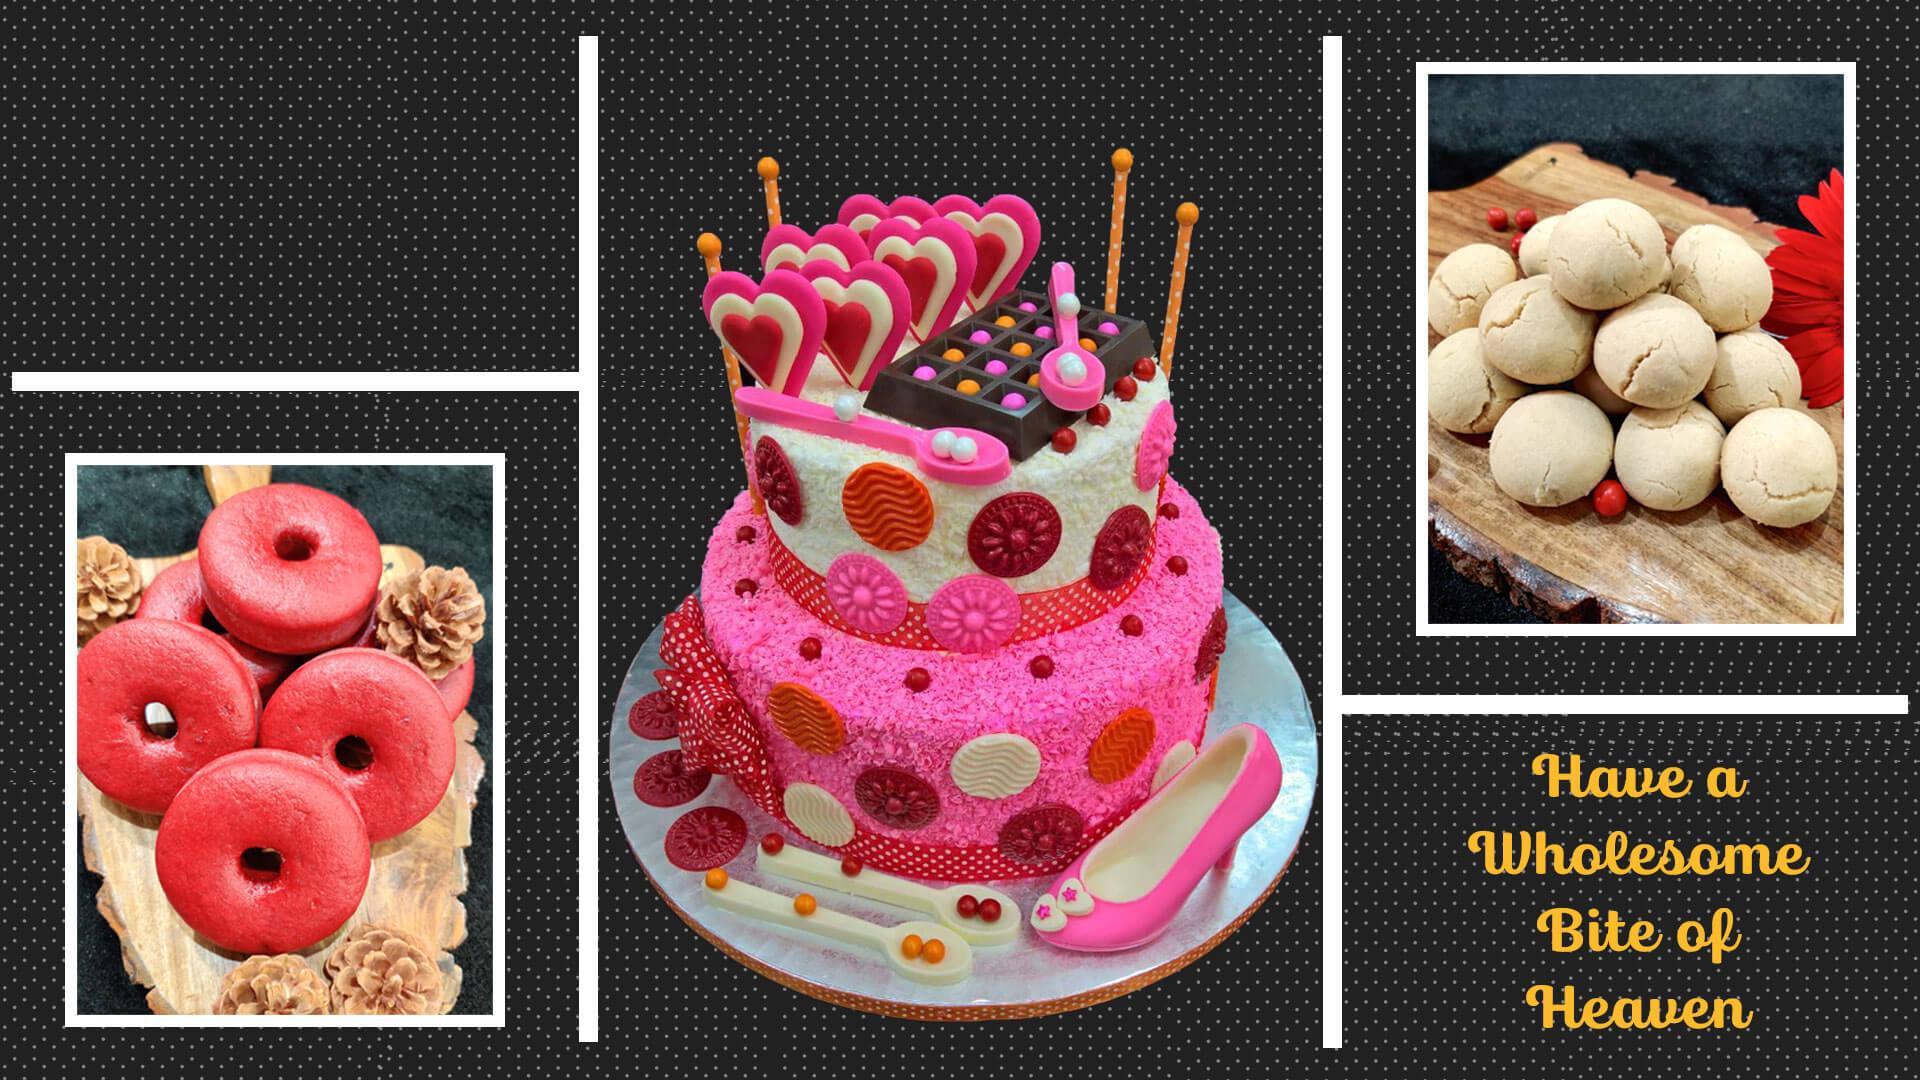 Soul treat designer cakes